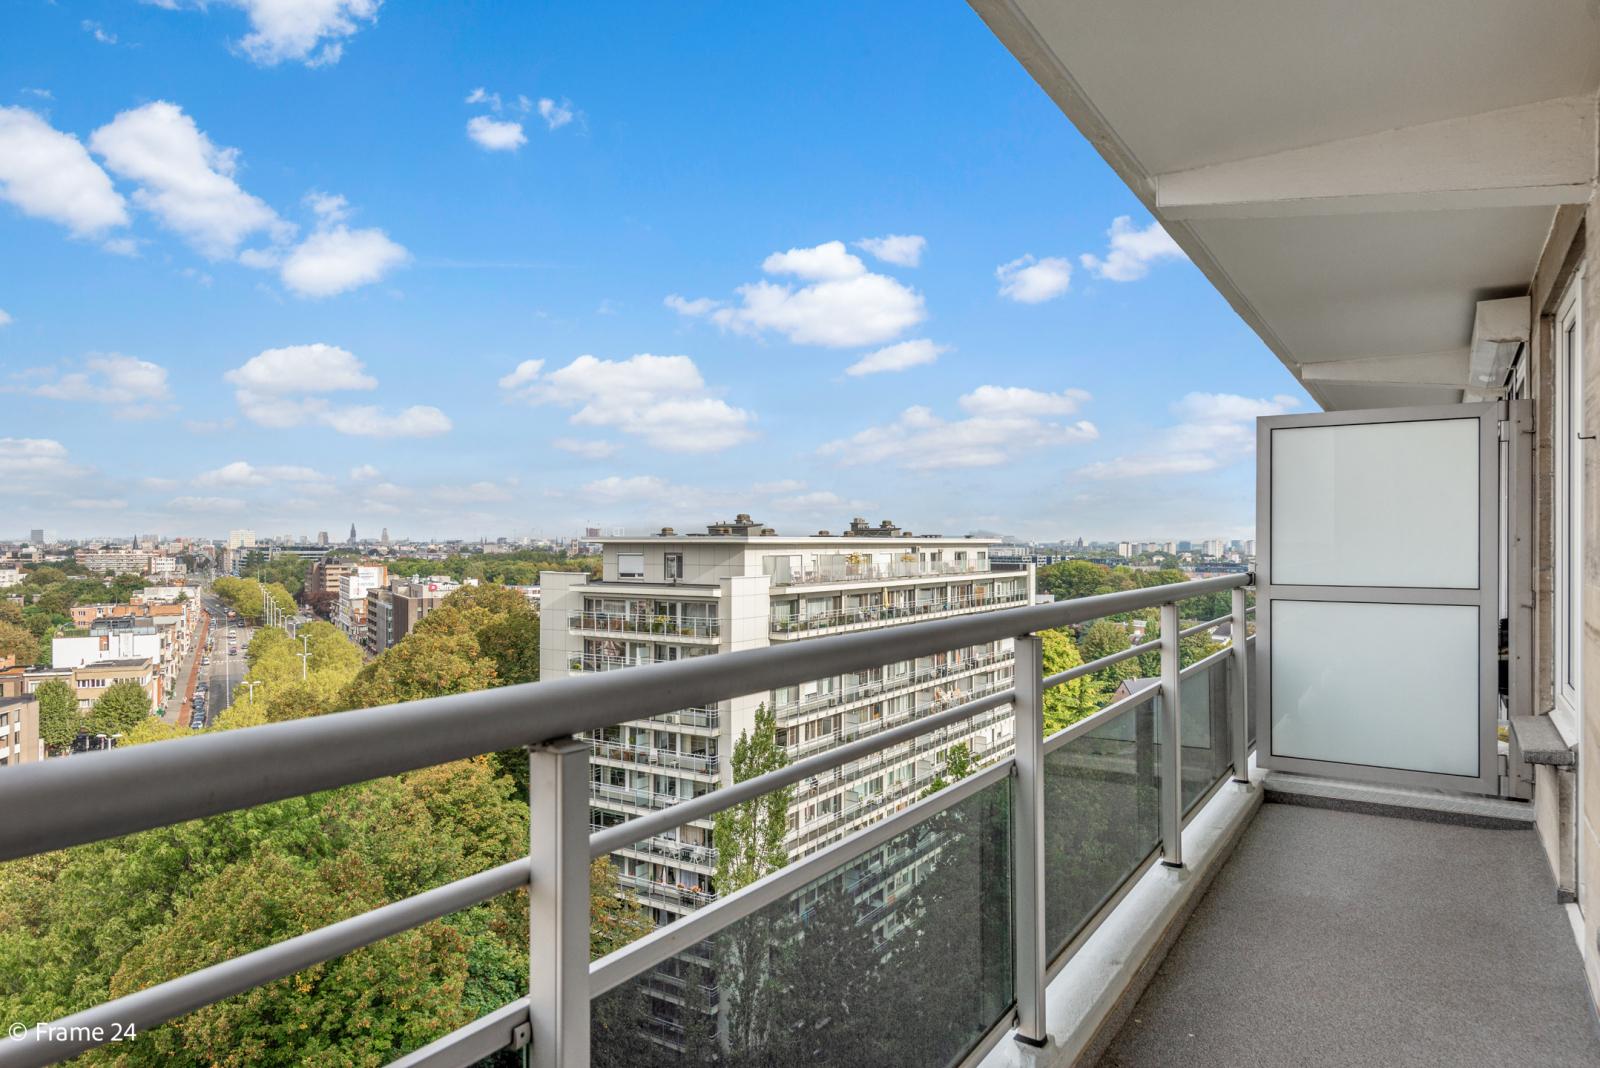 Appartement met 3 slaapkamers op gunstige locatie in Berchem. afbeelding 13